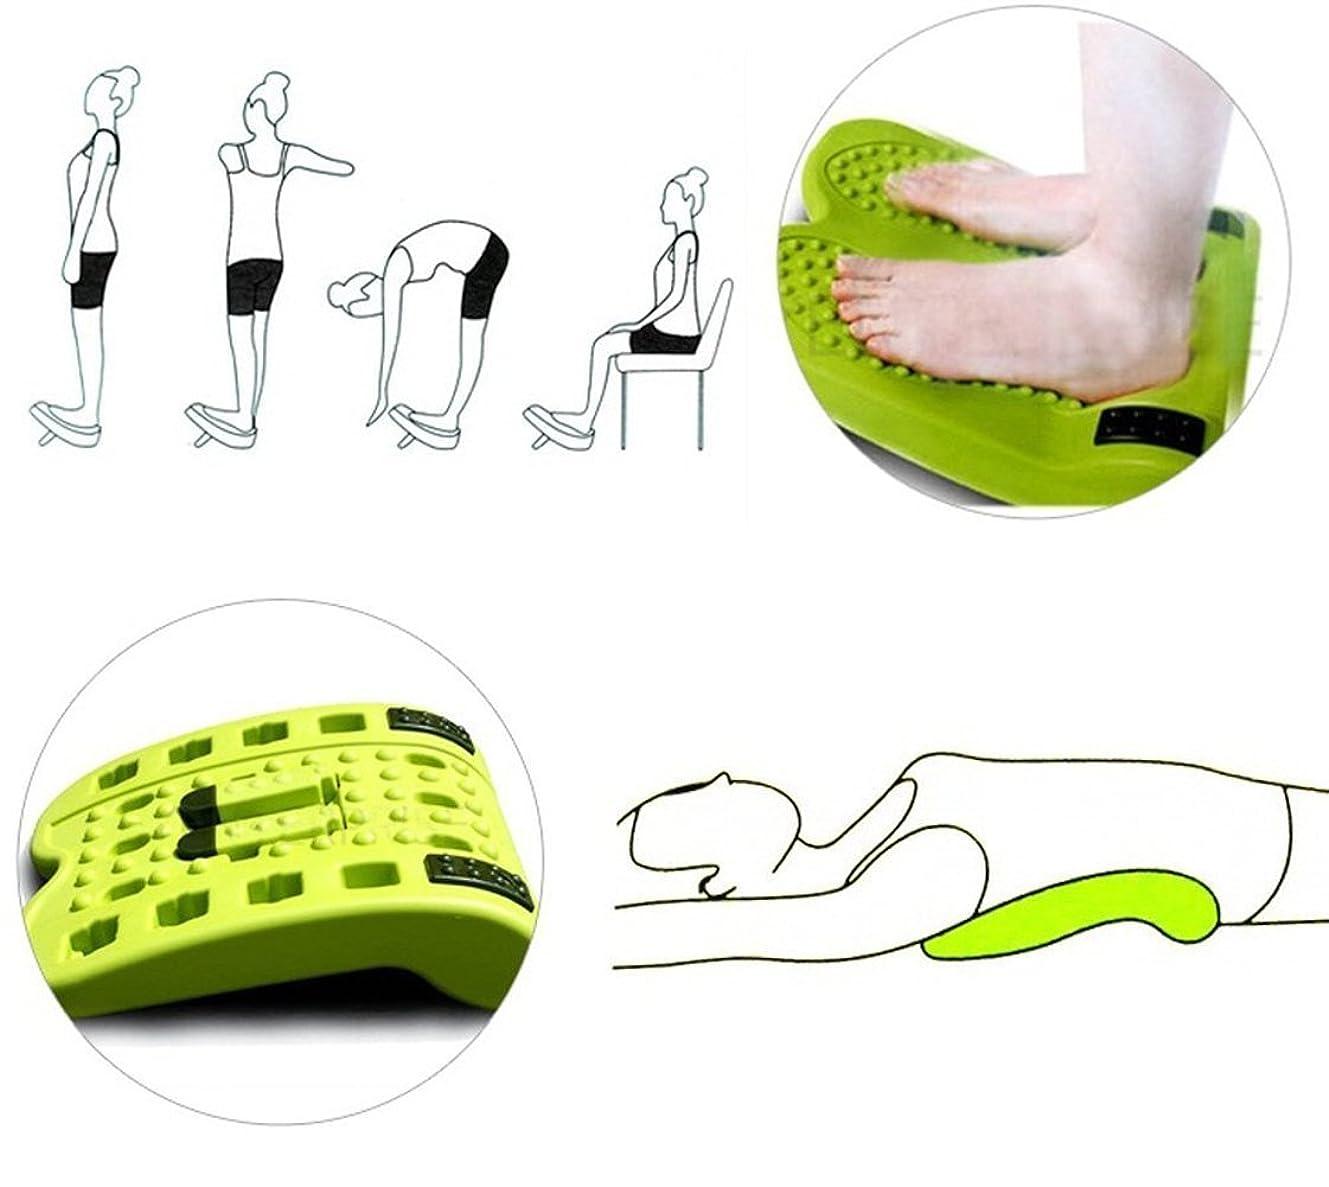 フィードオンかもしれないチャペルIWANNA足のストレッチマルチ傾斜ボード3段階の調節可能な傾斜+など、足のストレッチマッサージ(海外直送品)